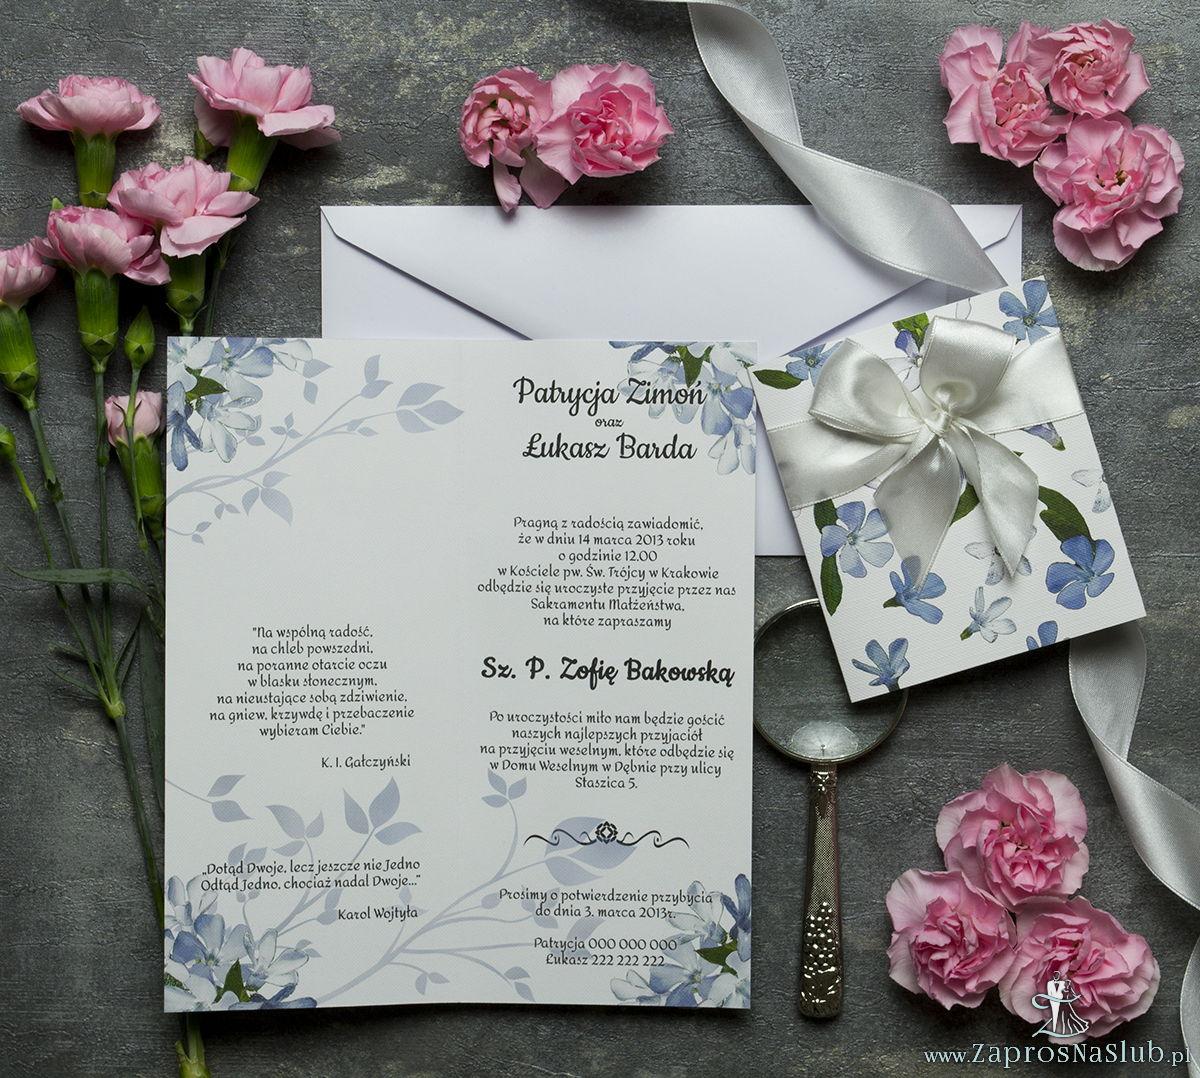 Niebanalne kwiatowe zaproszenia ślubne. Niebiesko-białe kwiaty, biała wstążka i wnętrze wkładane w okładkę. ZAP-90-10